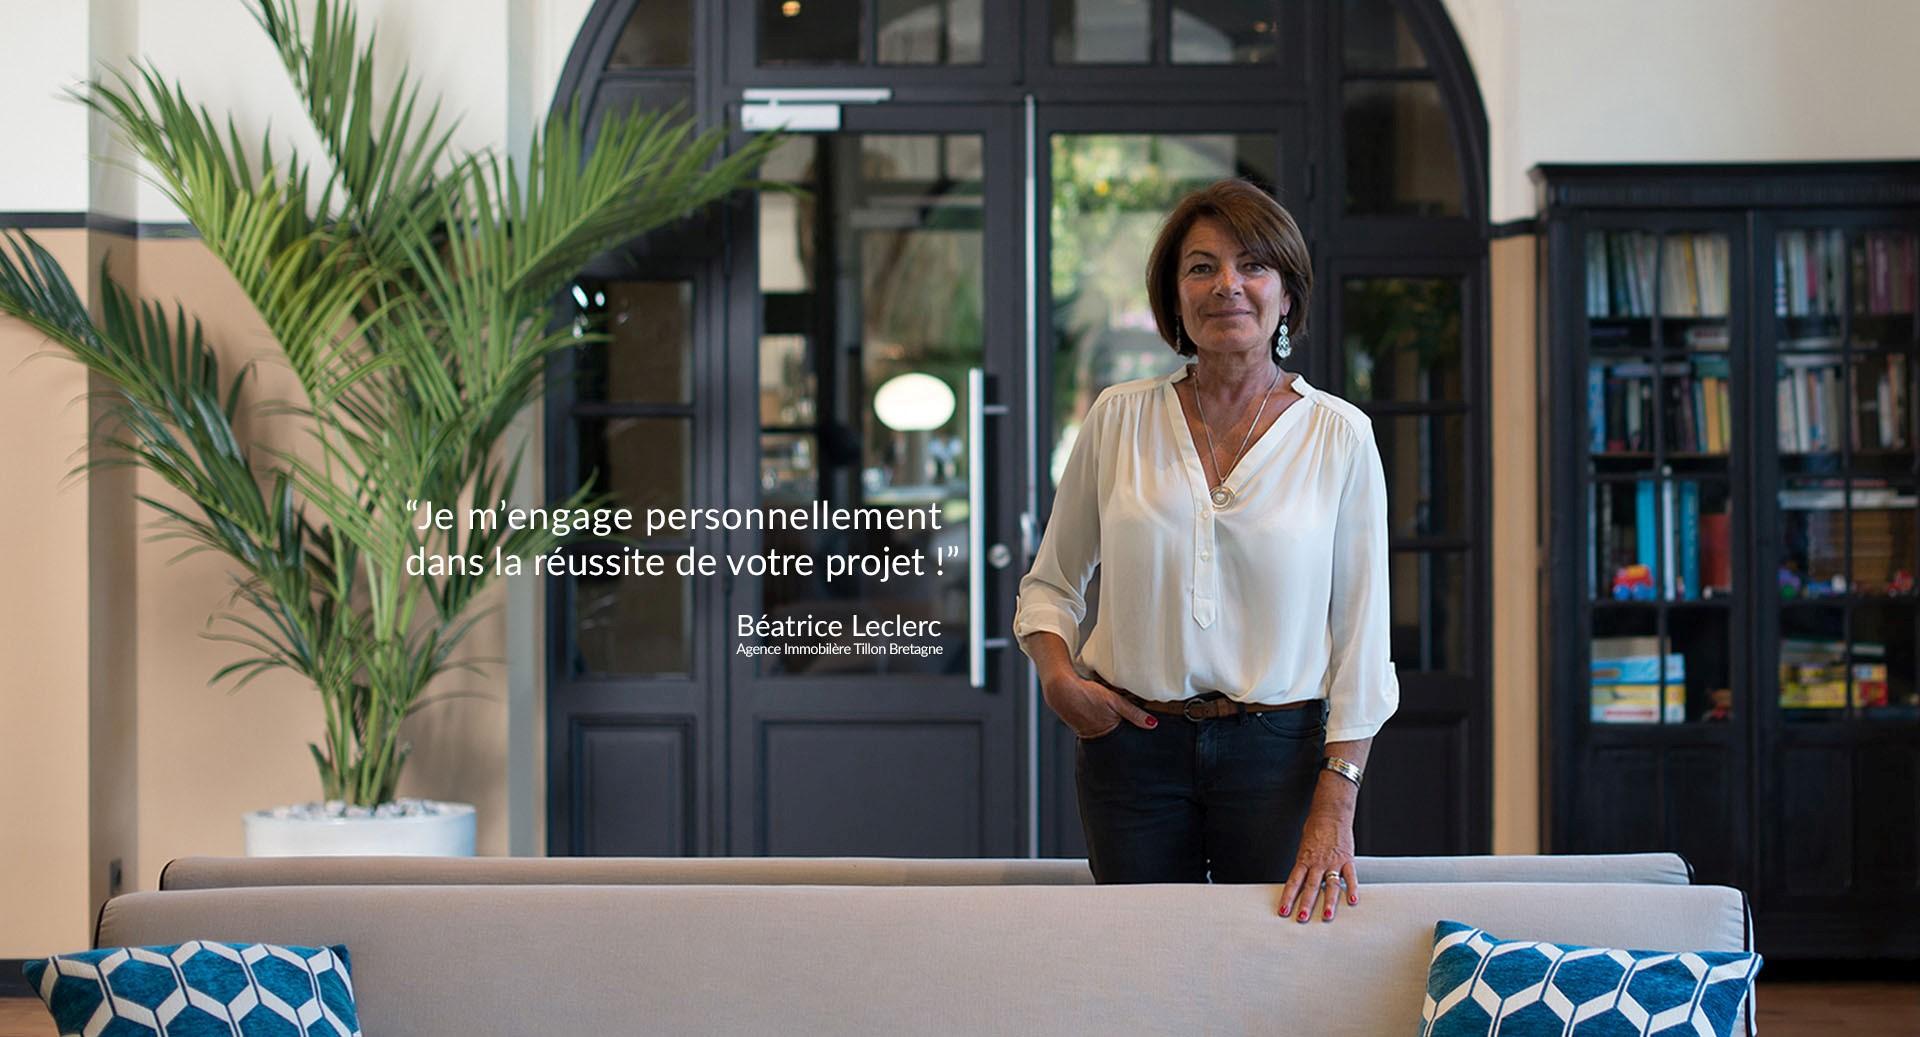 Béatrice LECLERC : Directrice de l'agence Immobilière Tillon Bretagne à Erquy (22430)